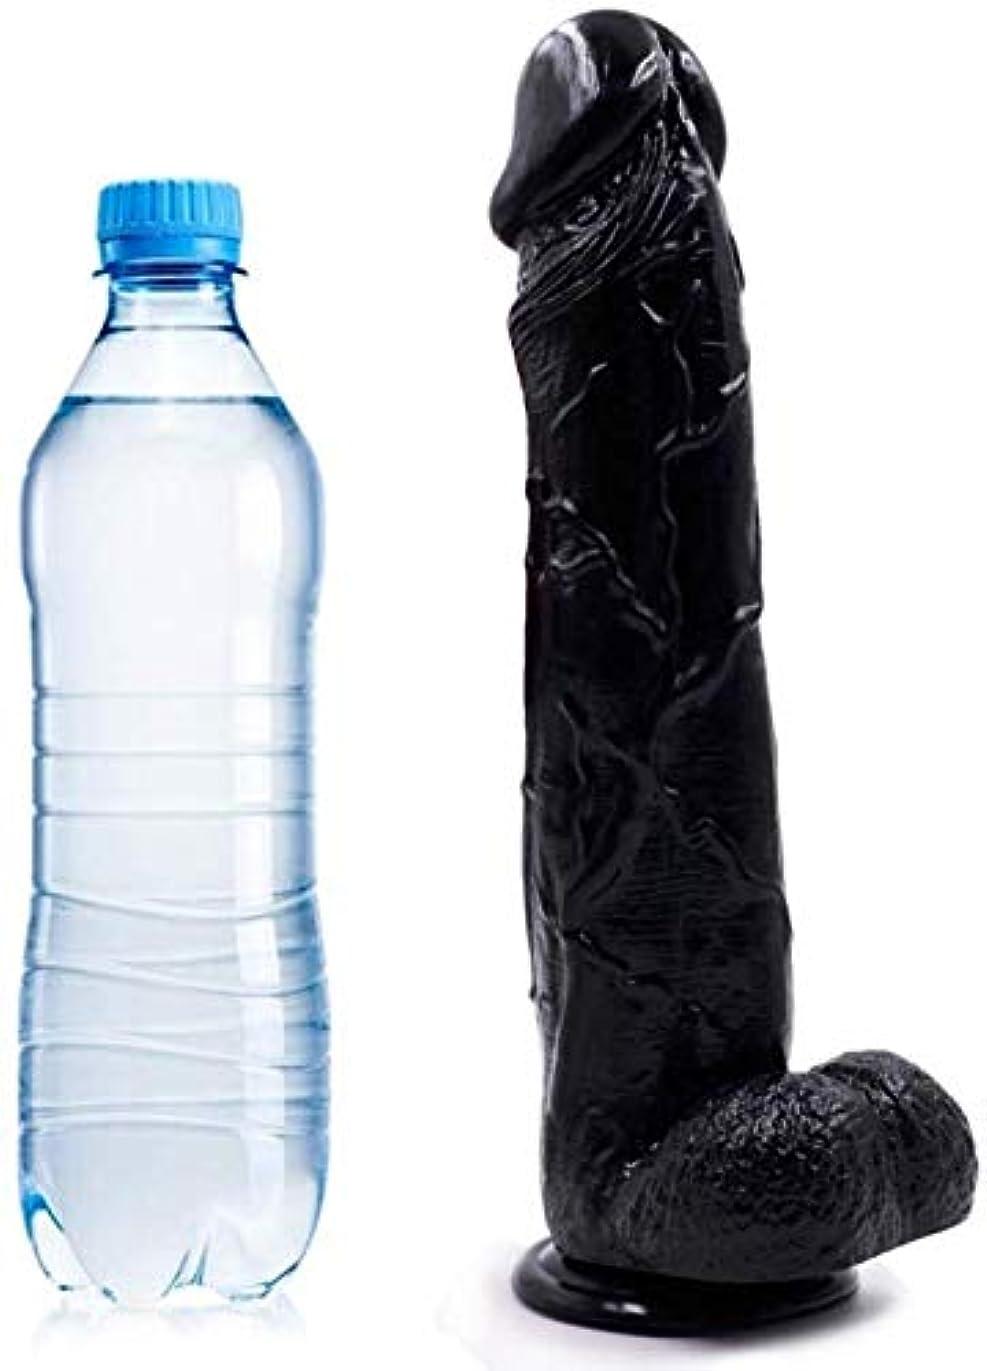 乙女願うバングラデシュ女性のサクションカップのための現実的なDìdlõš、大人のおもちゃ、M-ásságerワンド